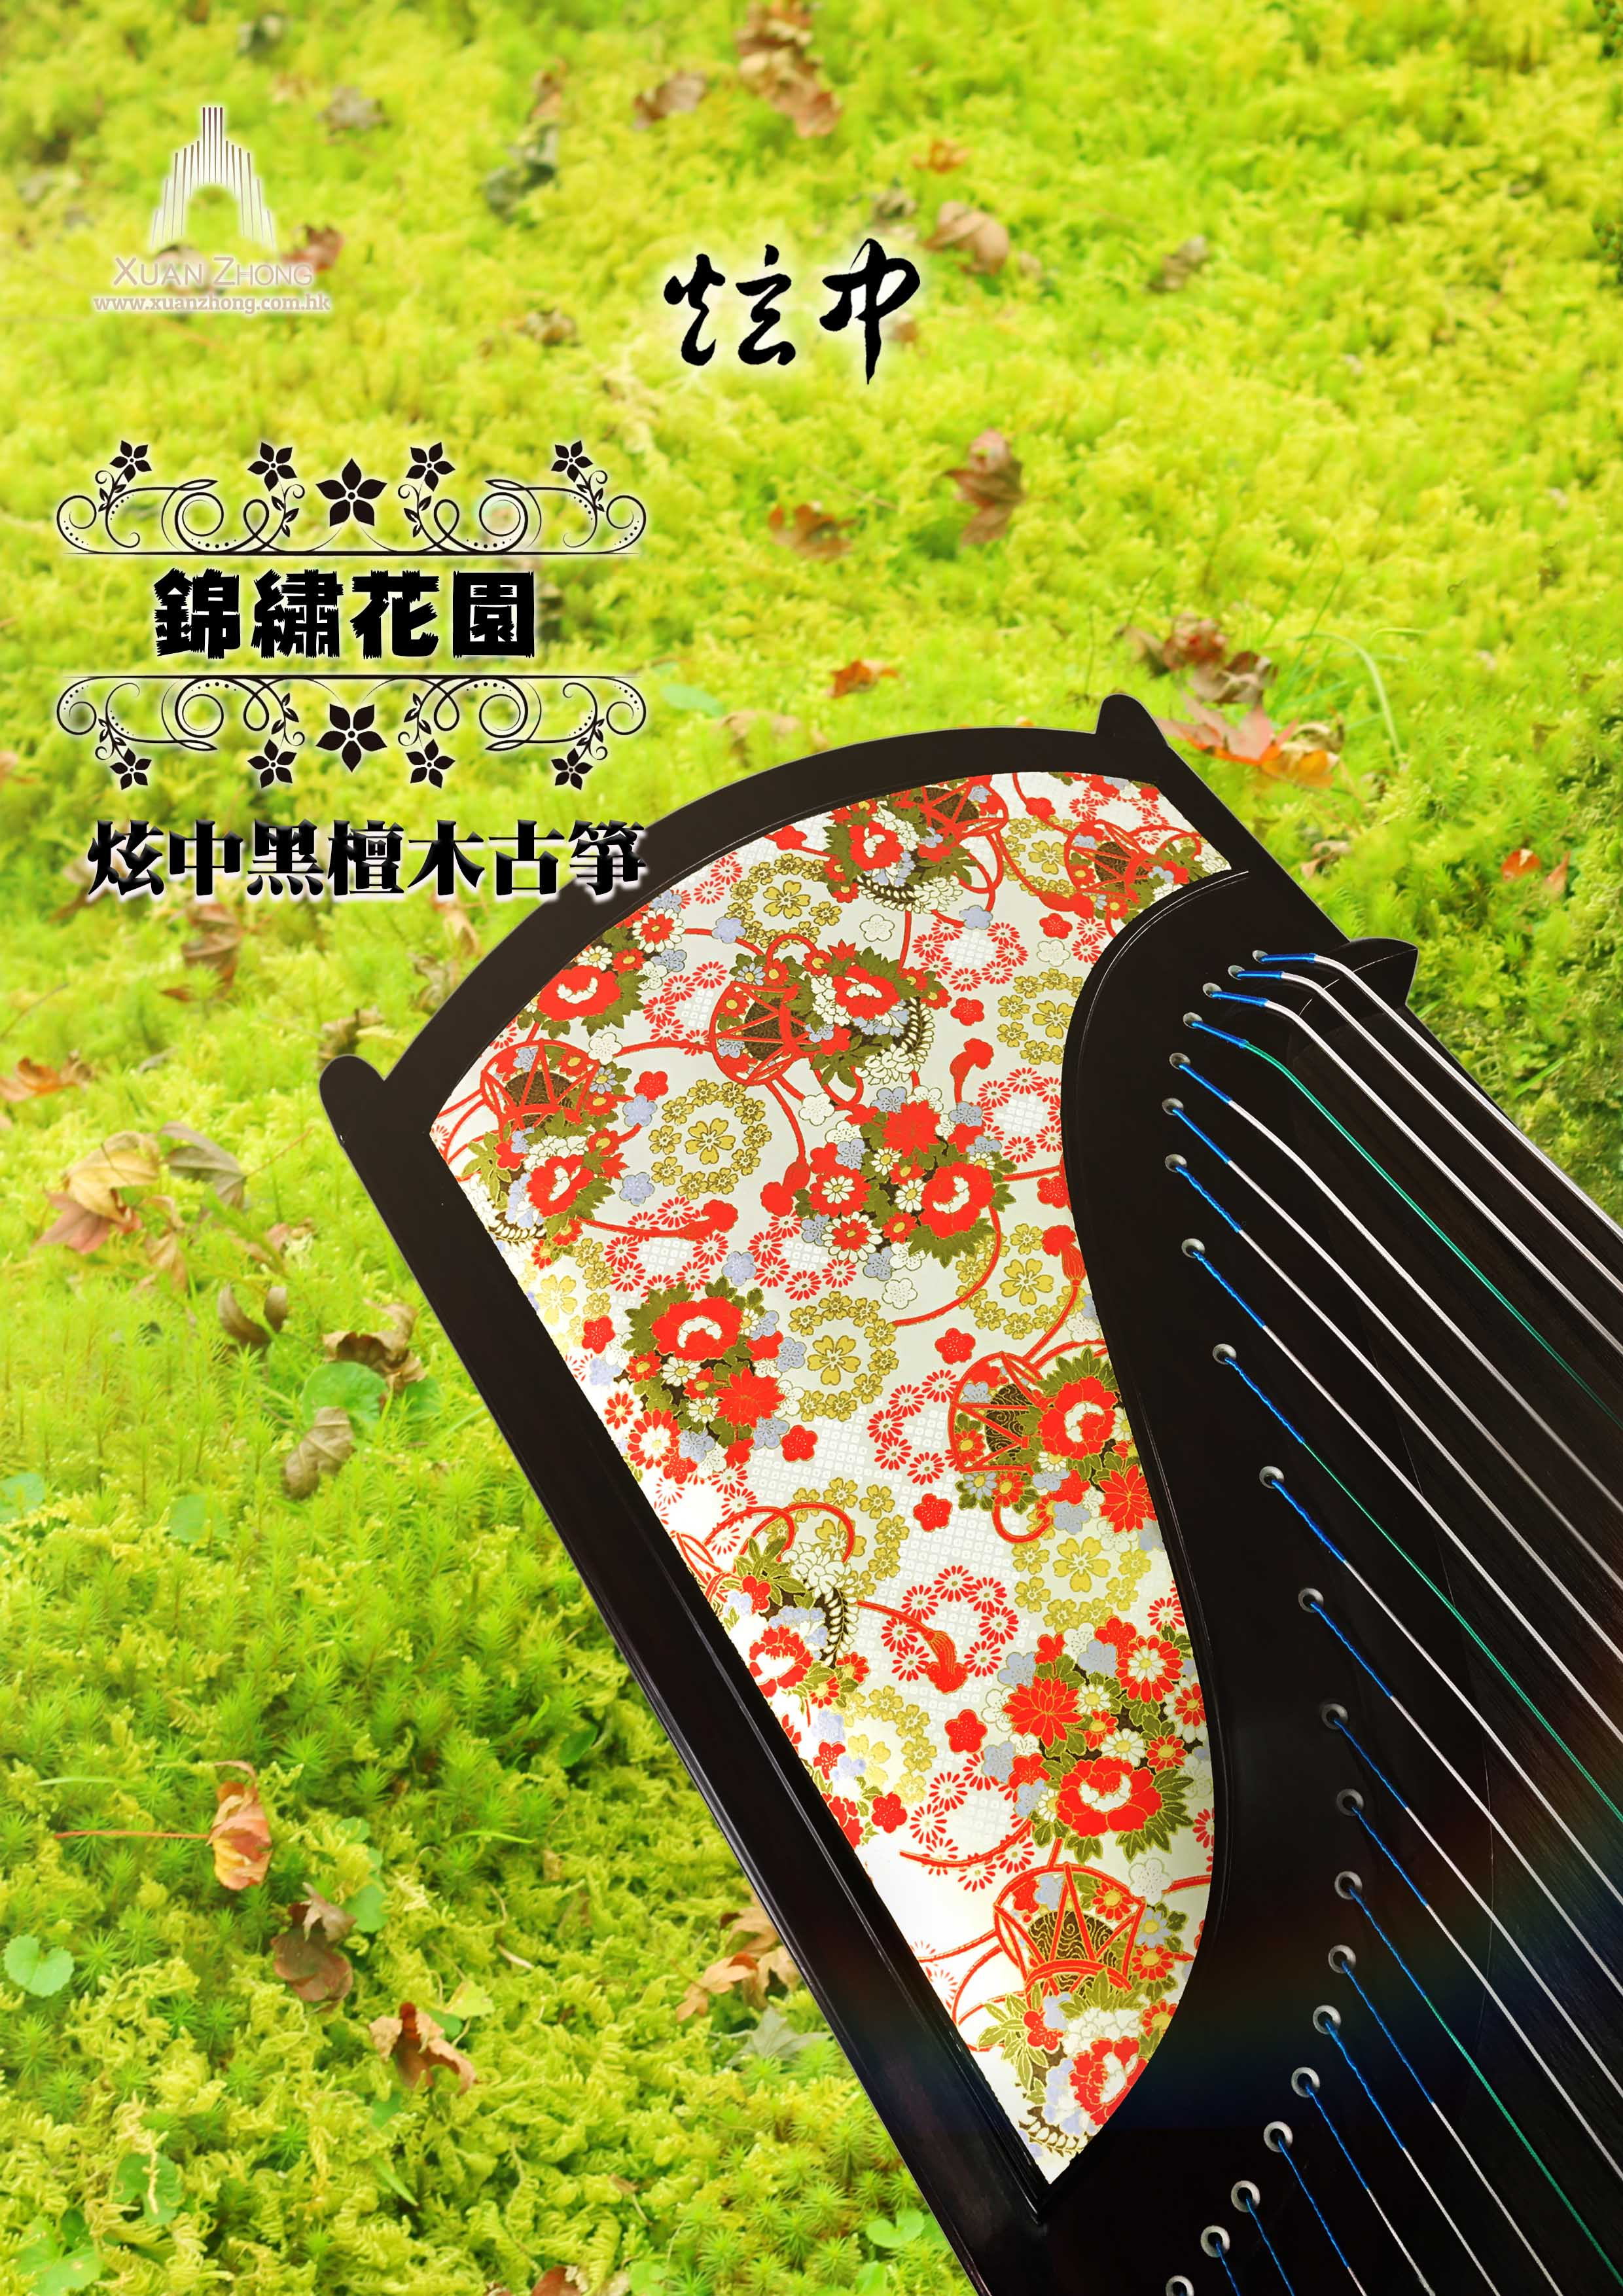 炫中 黑檀木古箏 「錦繡花園」